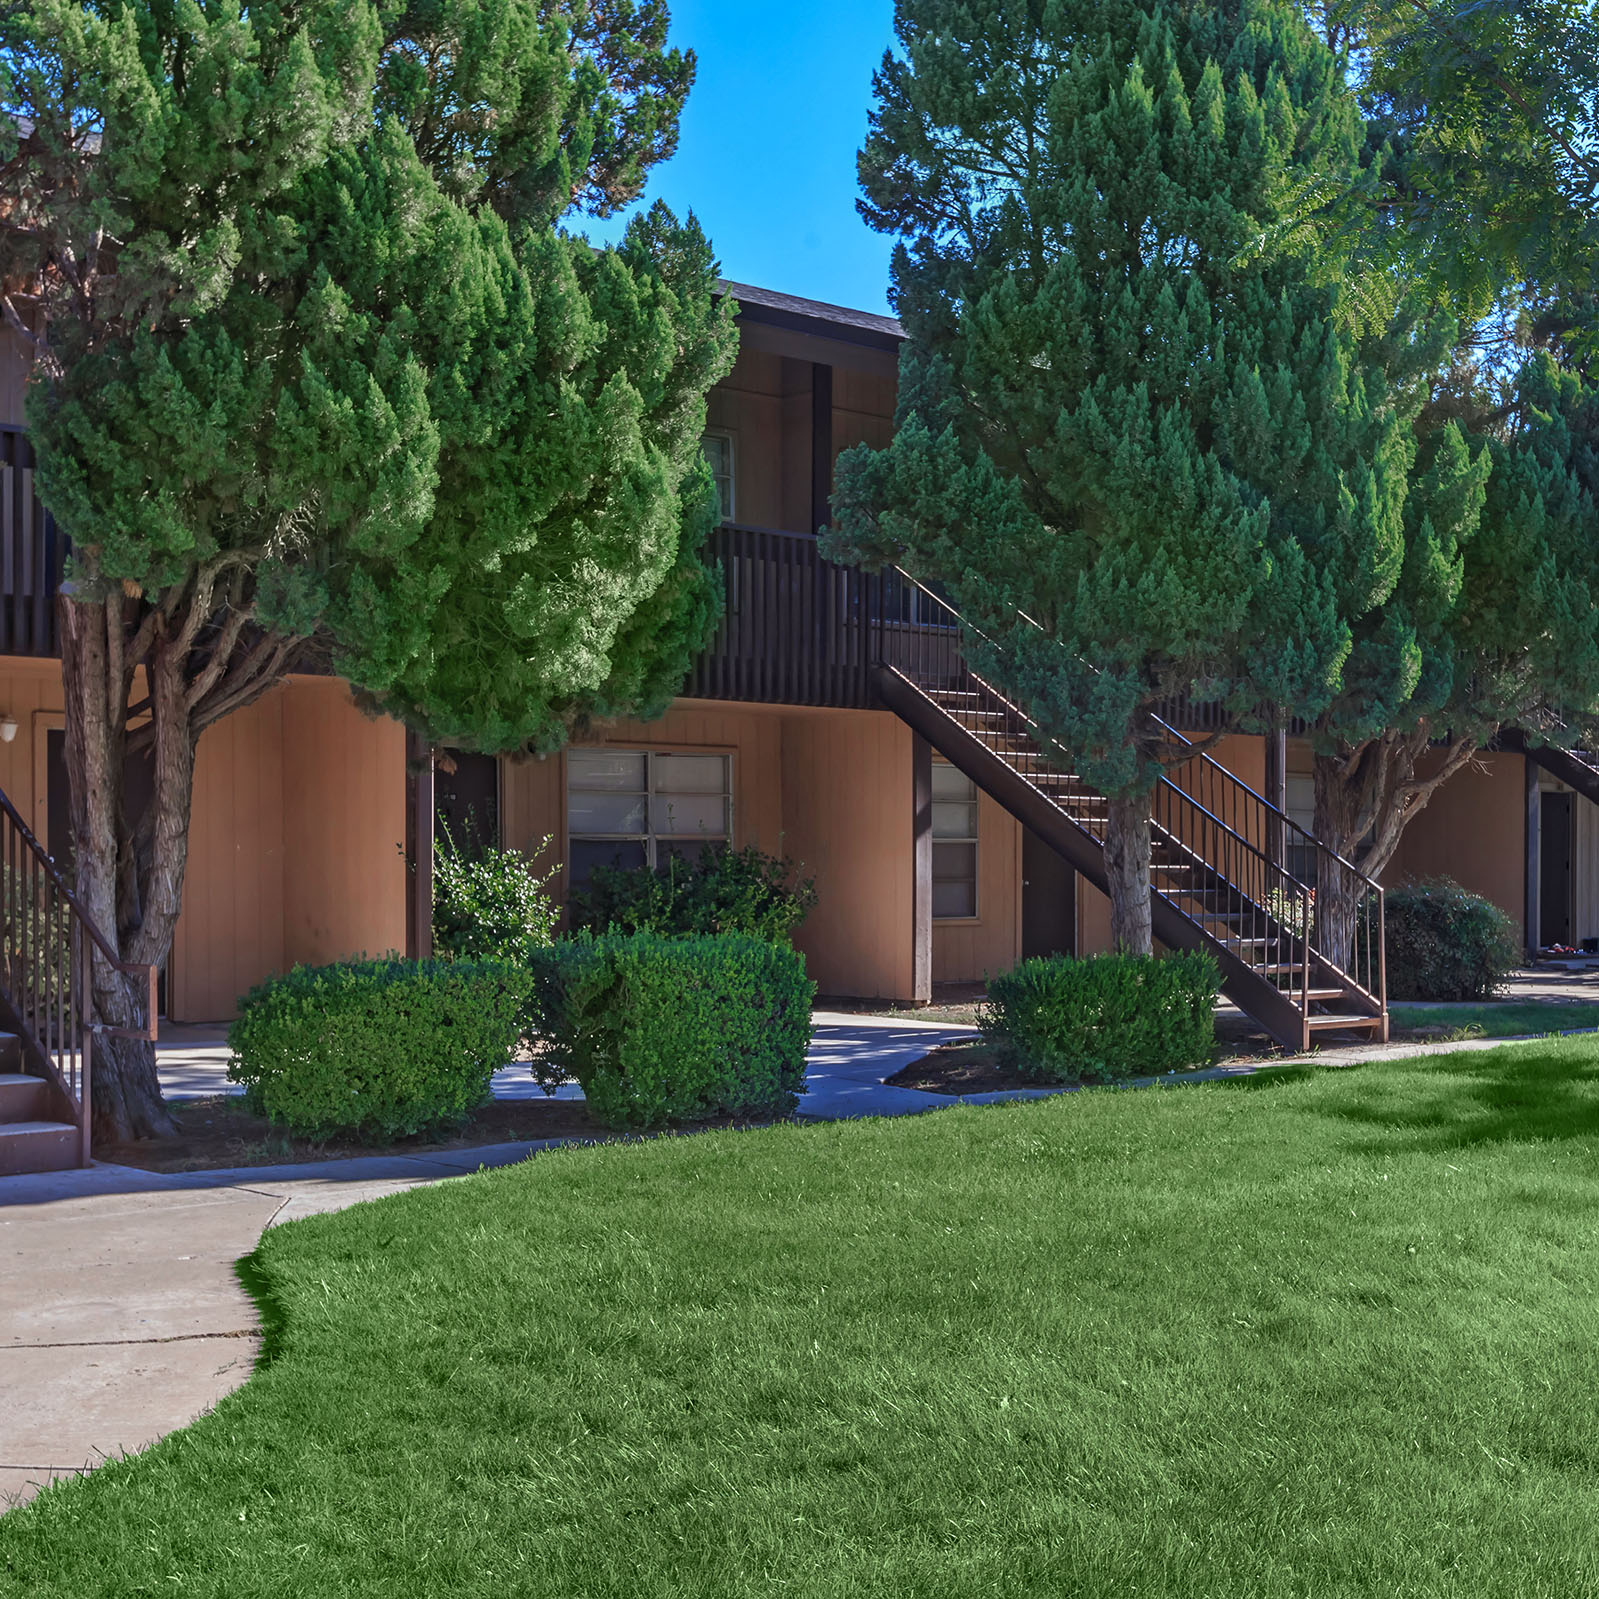 Apartments In Amarillo Tx: Apartment Homes In Amarillo, TX